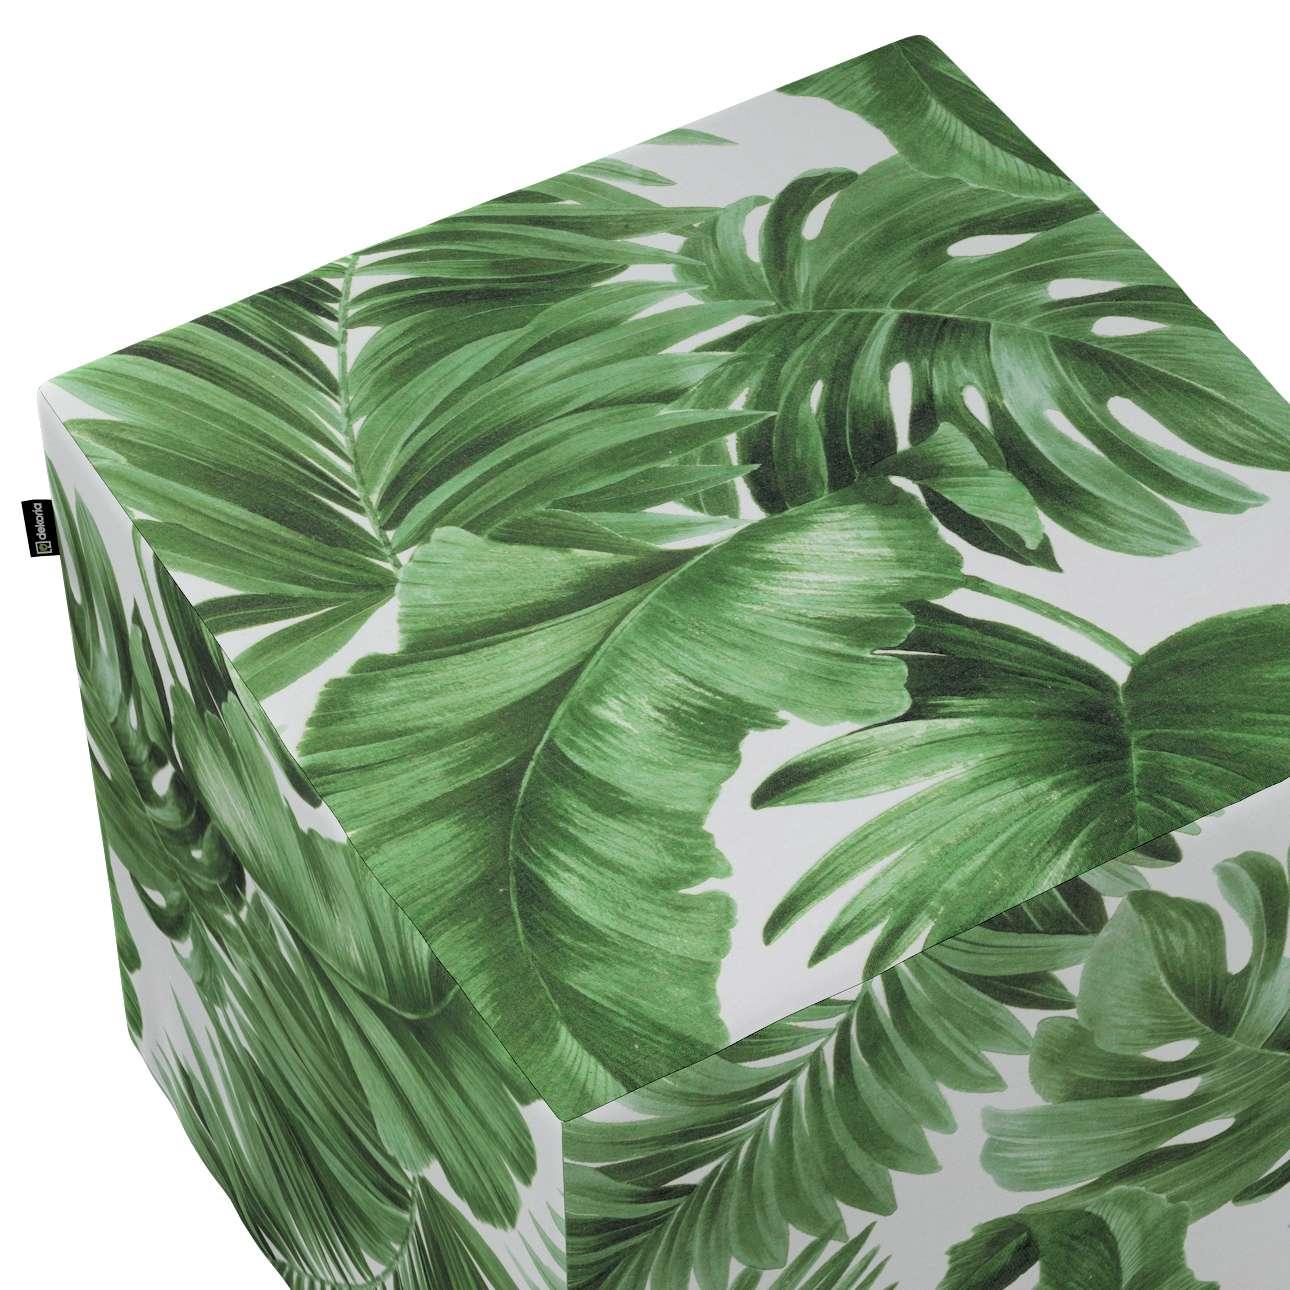 Pokrowiec na pufę kostkę w kolekcji Tropical Island, tkanina: 141-71